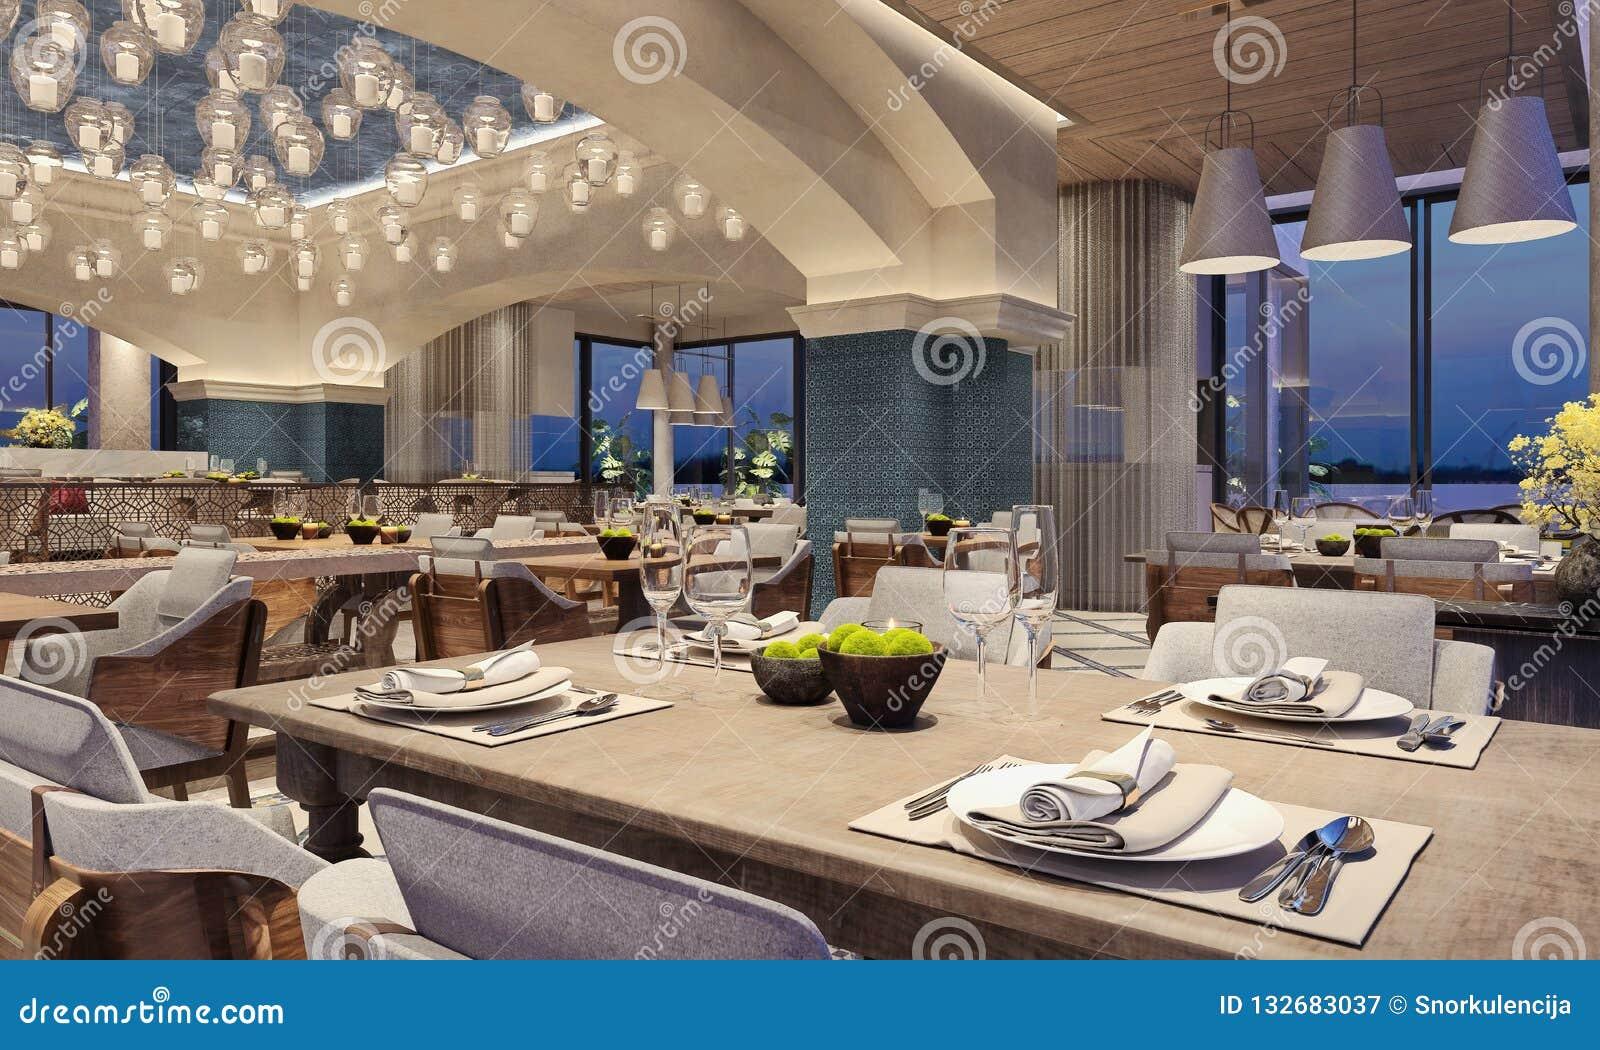 Plafoniere Per Ristoranti : Interior design moderno di un ristorante stile arabo con i fasci